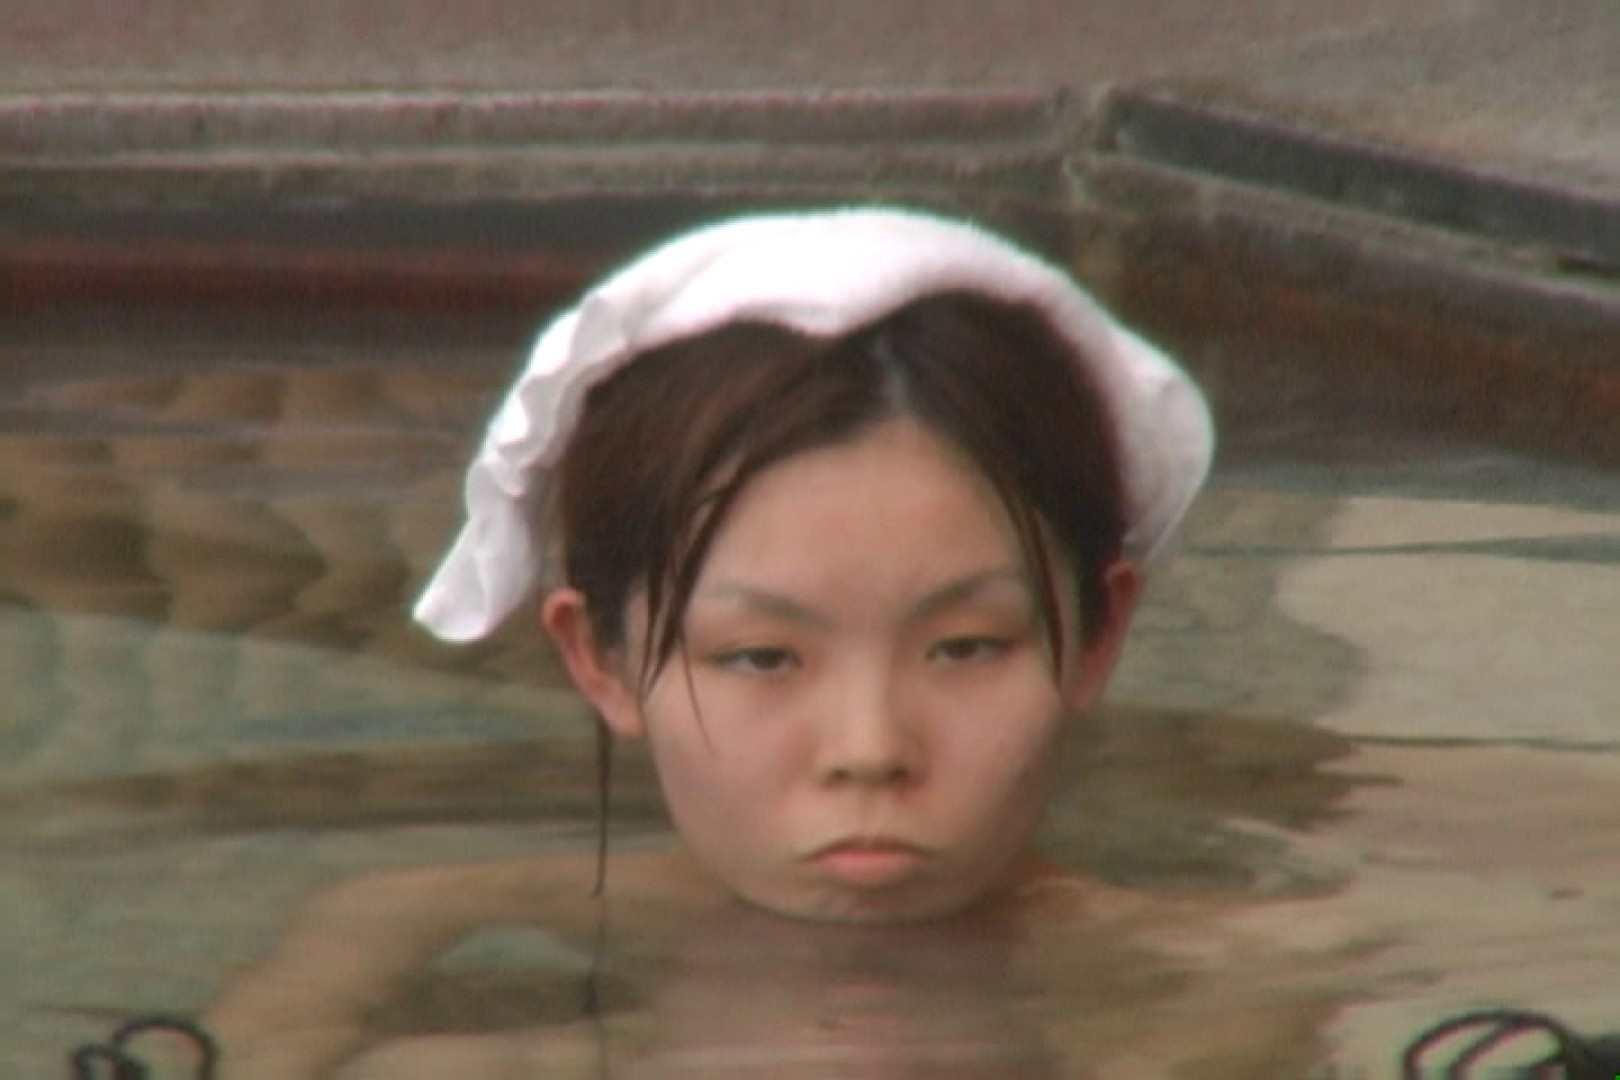 Aquaな露天風呂Vol.580 0  103pic 60